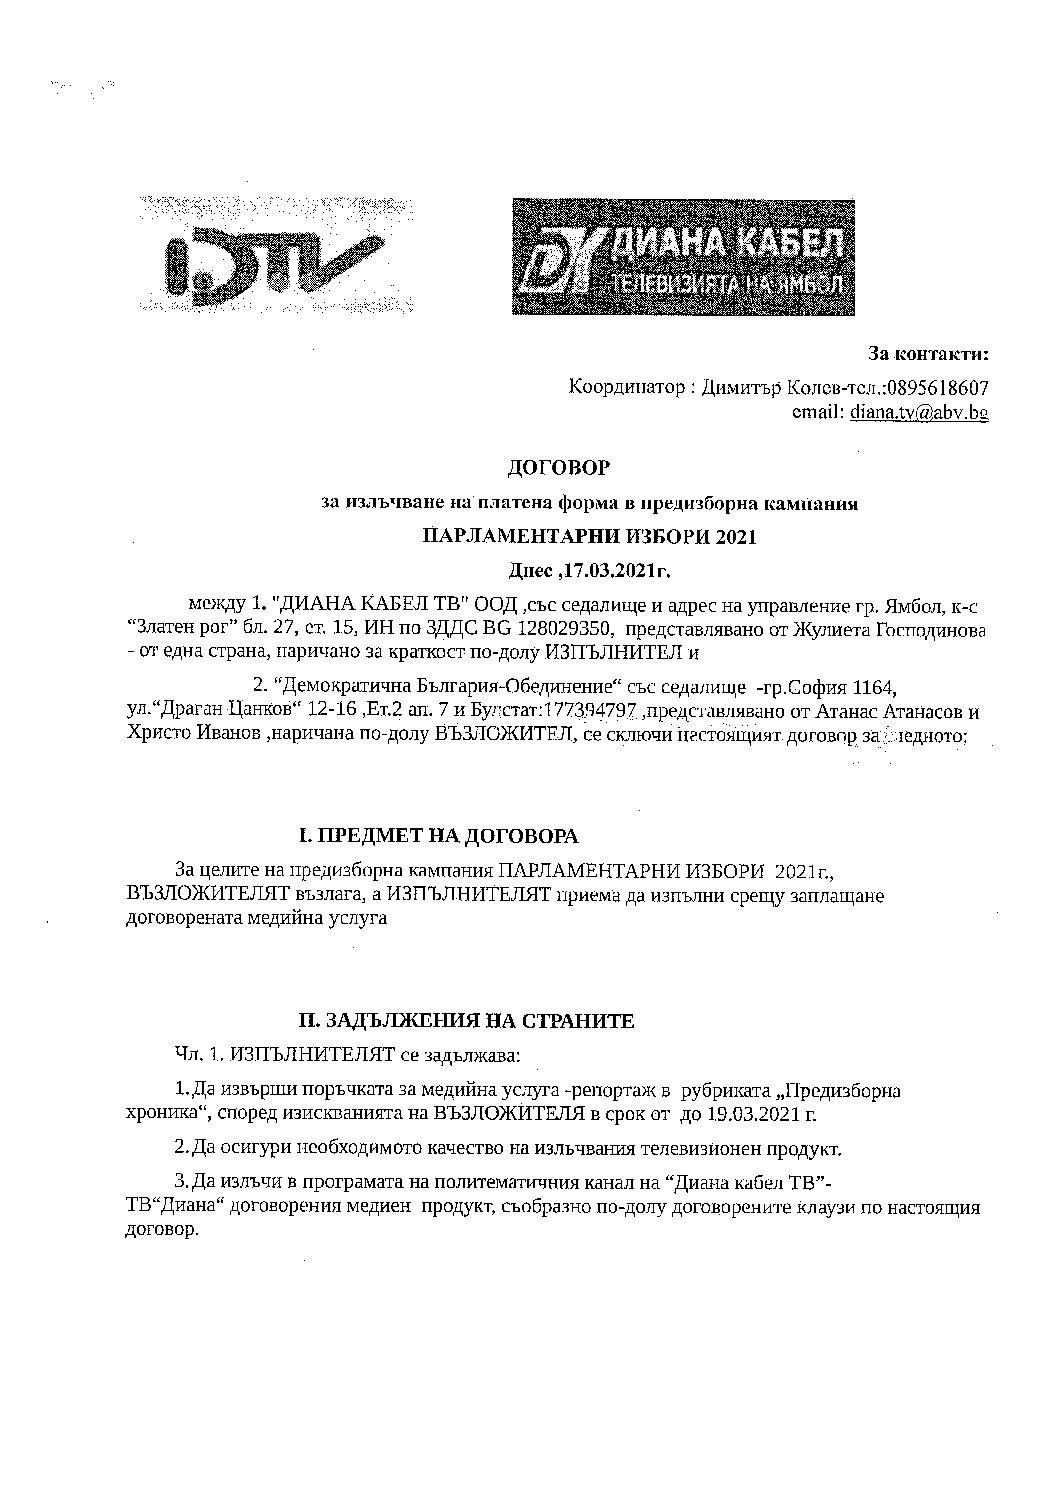 Парламентарни избори 2021-договор за доставка на медийни услуги с Демократична България Обединение